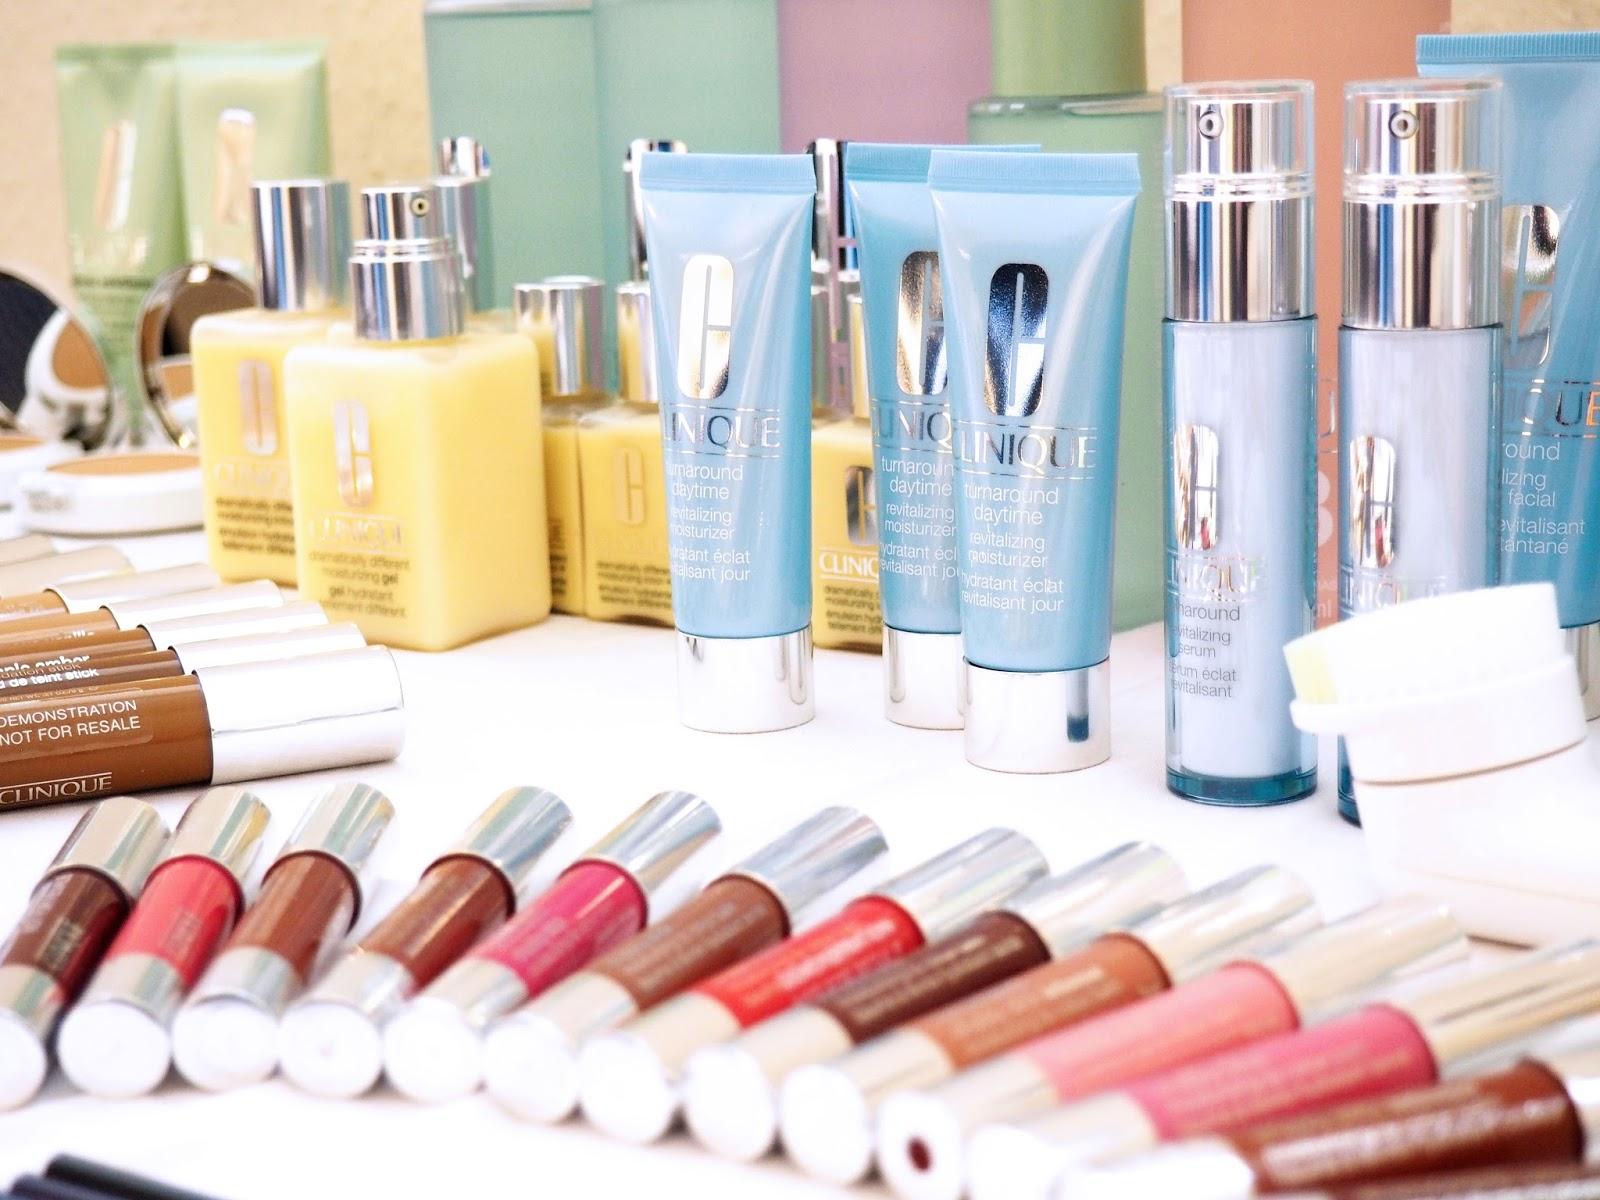 Clinique Beauty Blogger Event